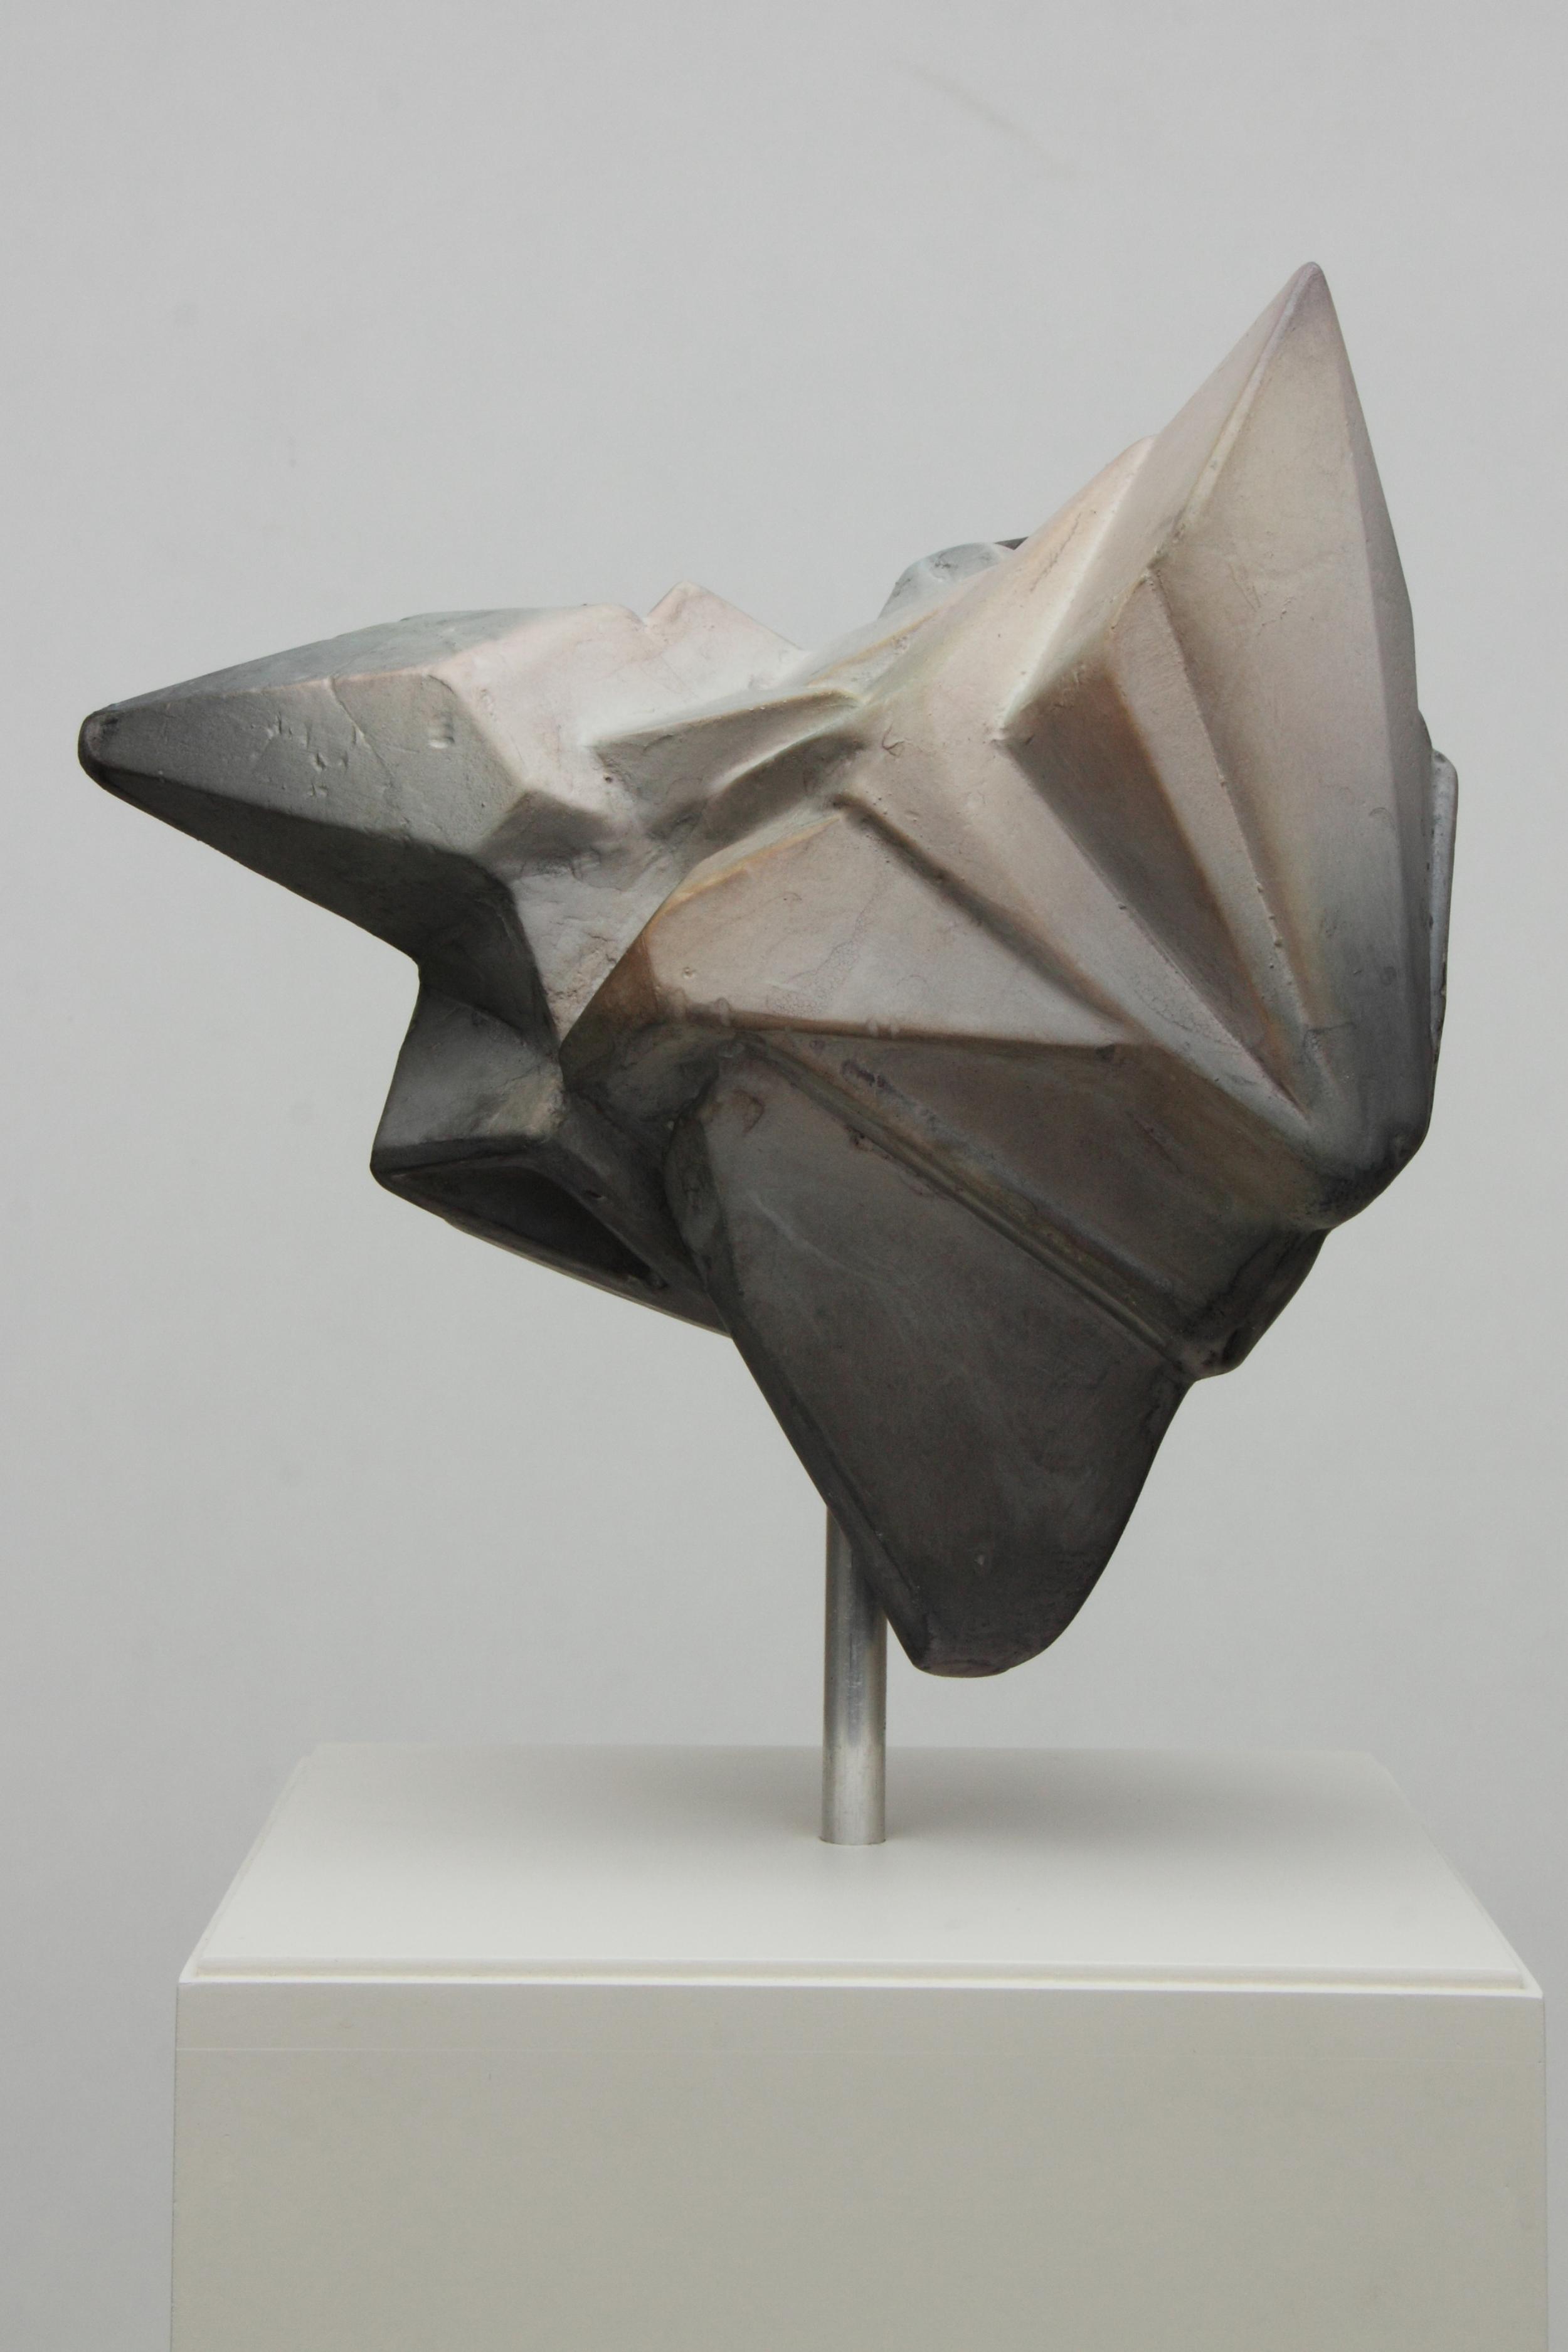 hoi polloi (001) 2010